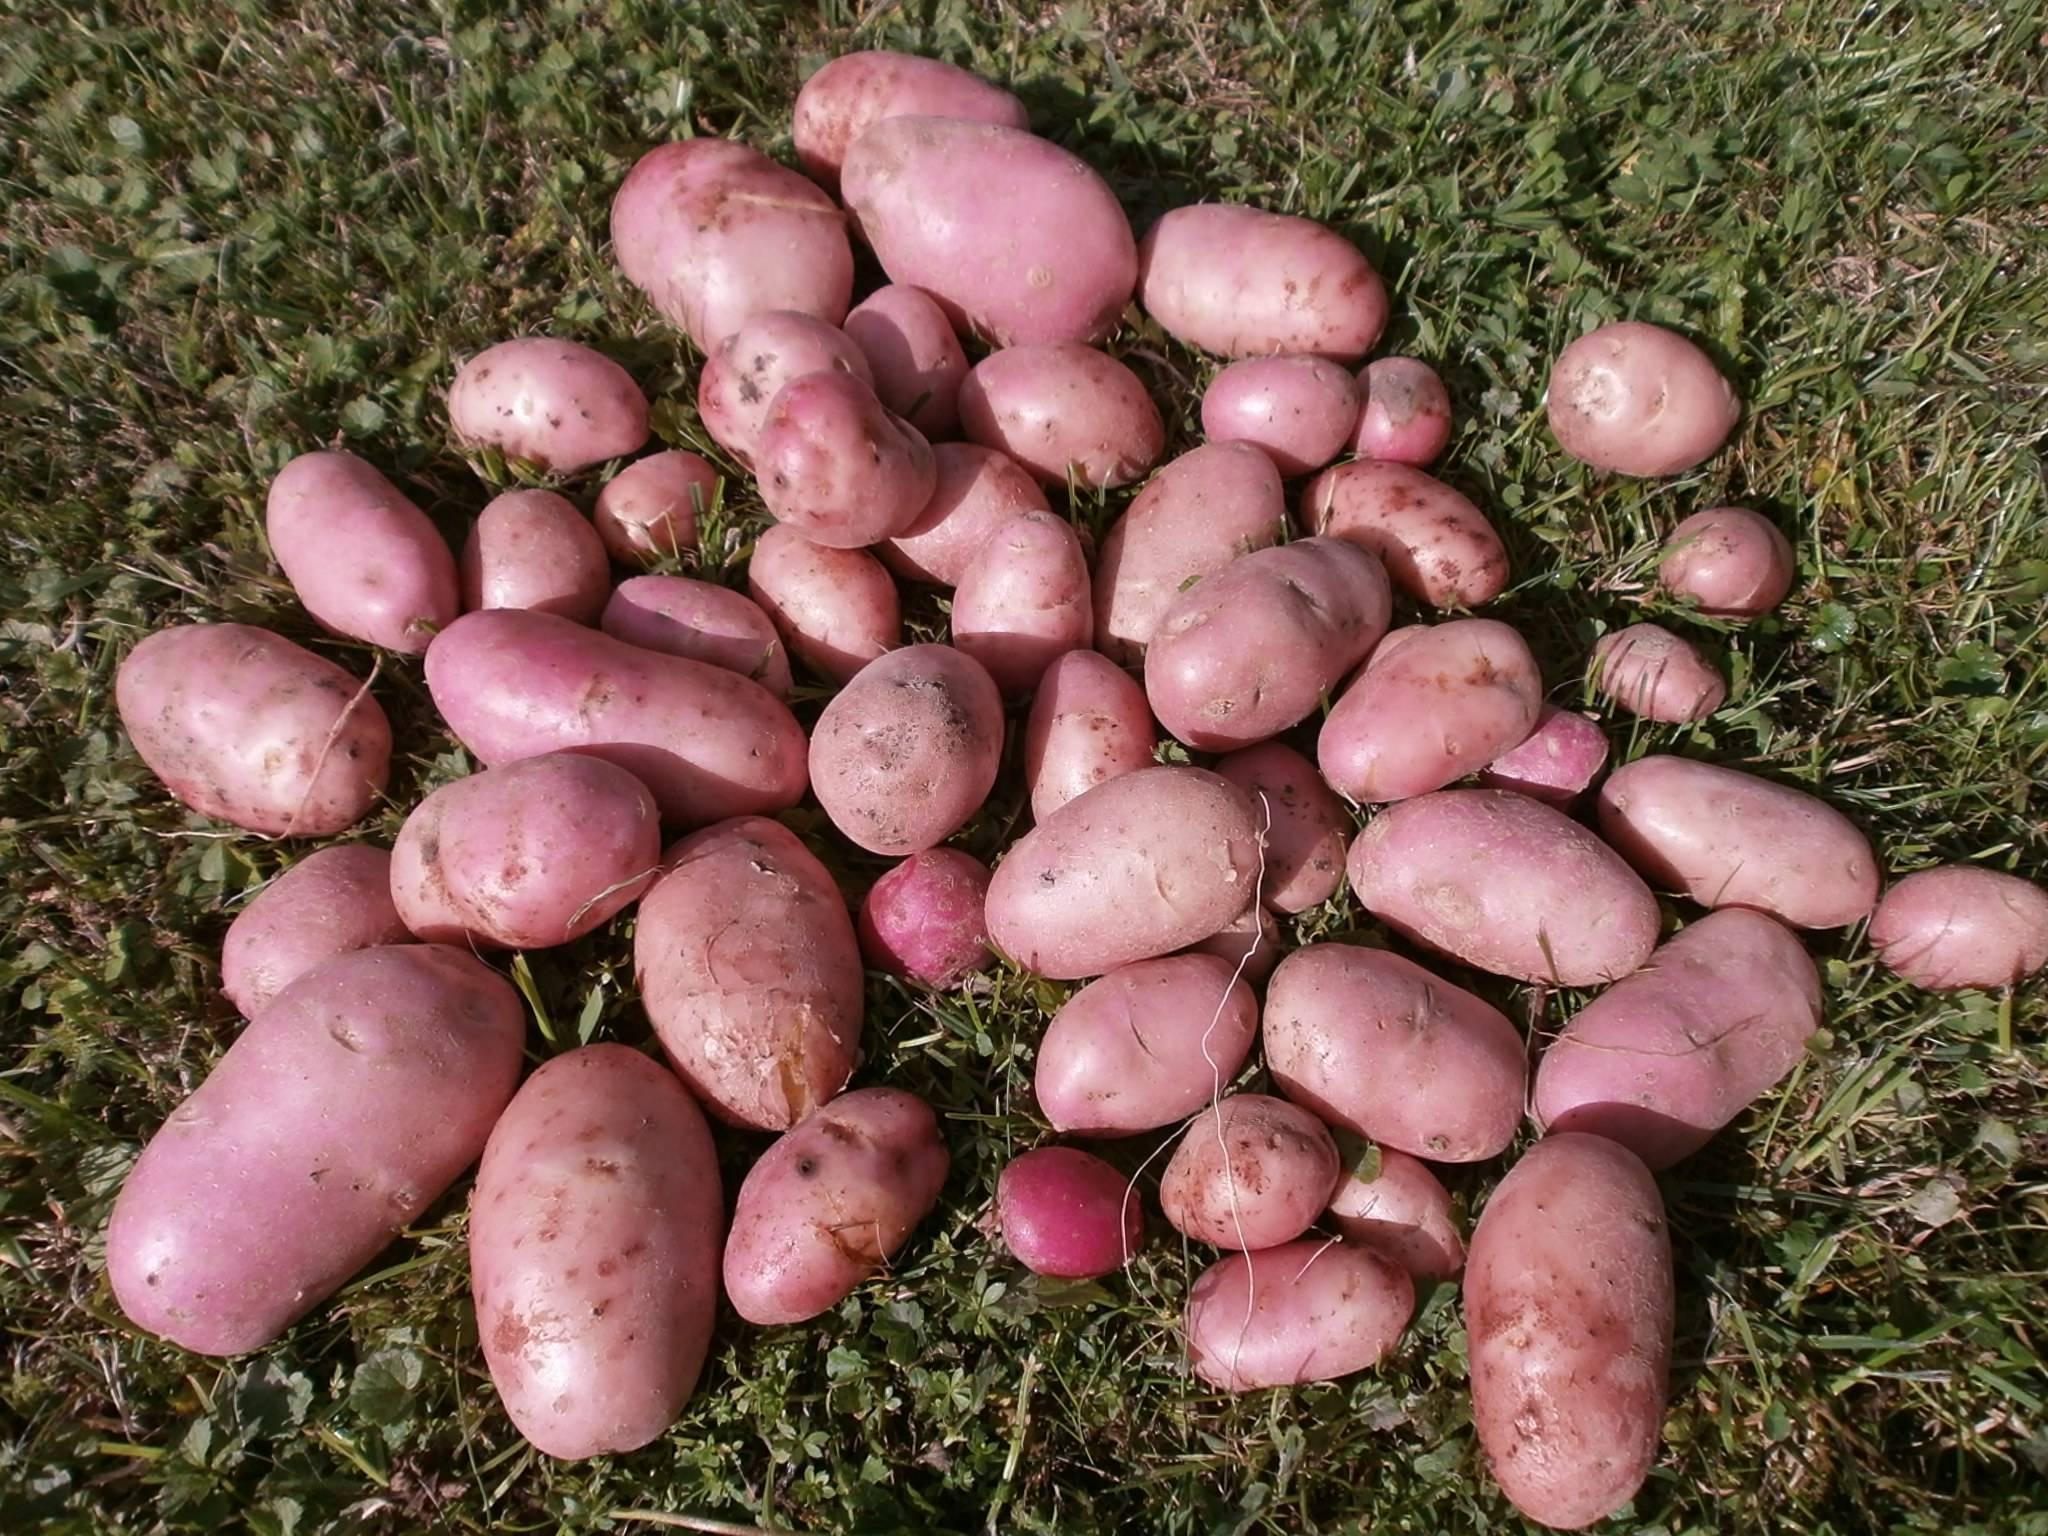 каталог сортов картофеля с фото и описанием подборку татуировок